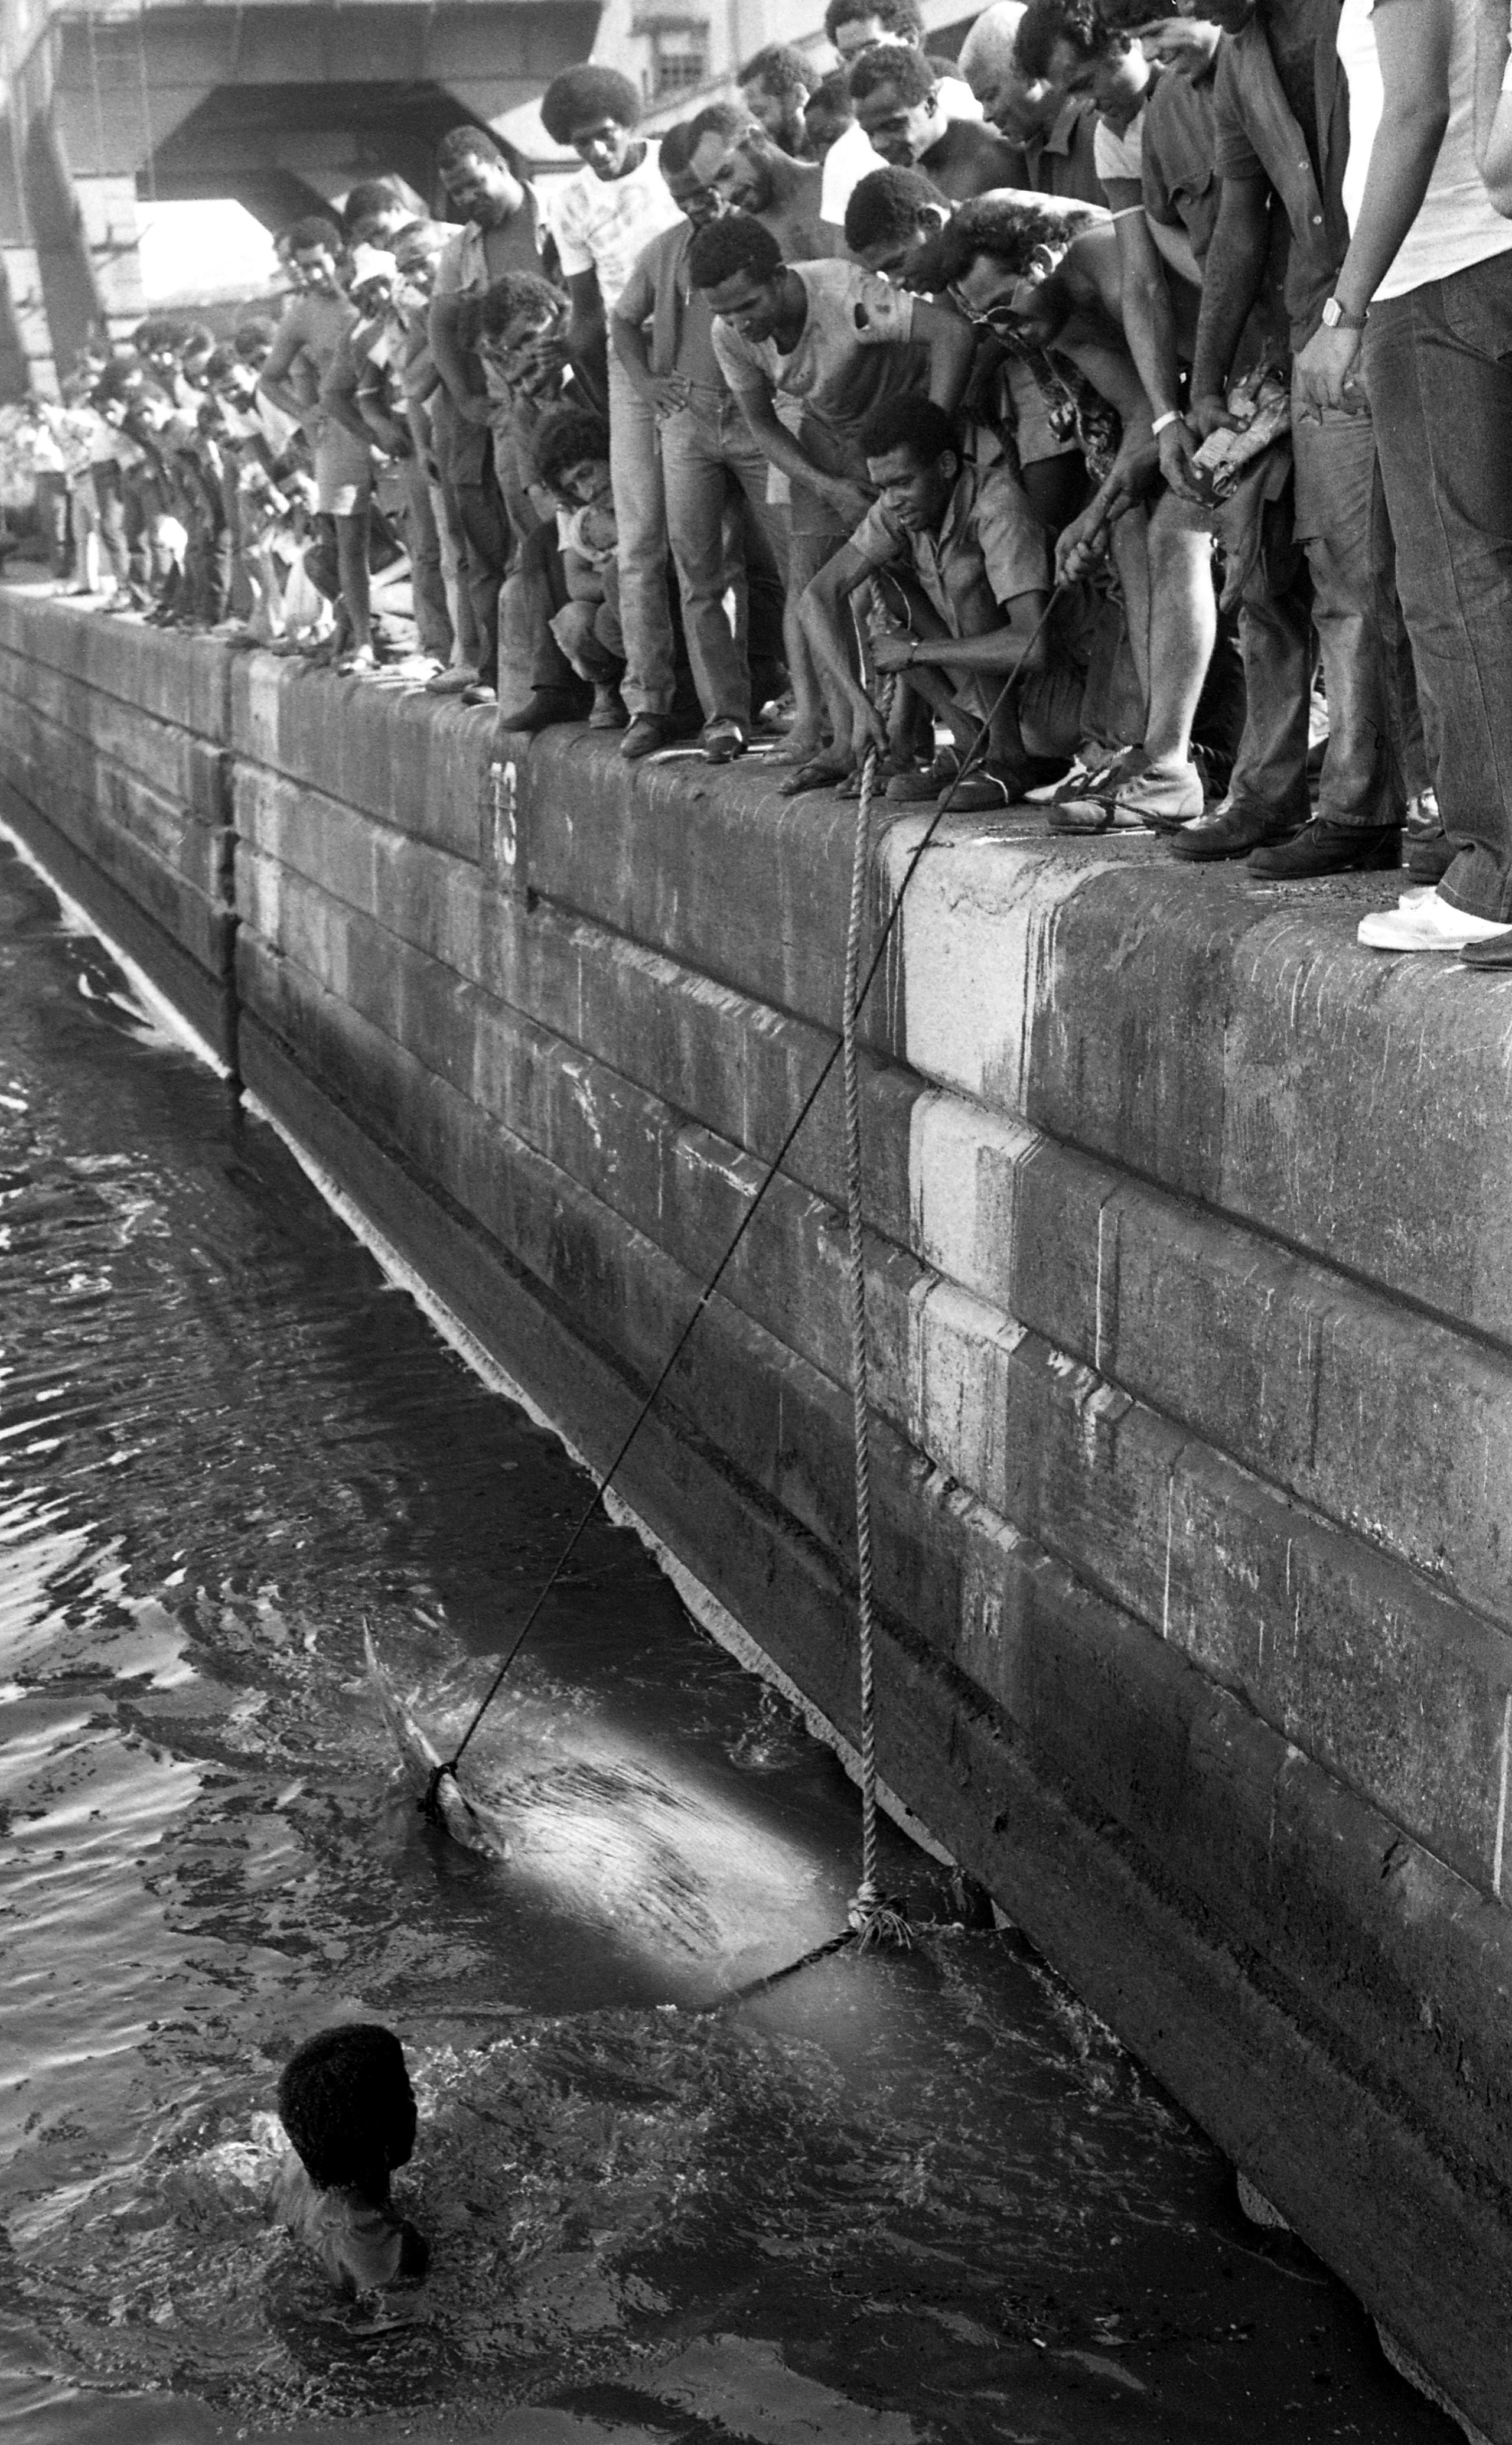 Jovem nada ao lado da carcaça da baleia para ajudar a iça-la